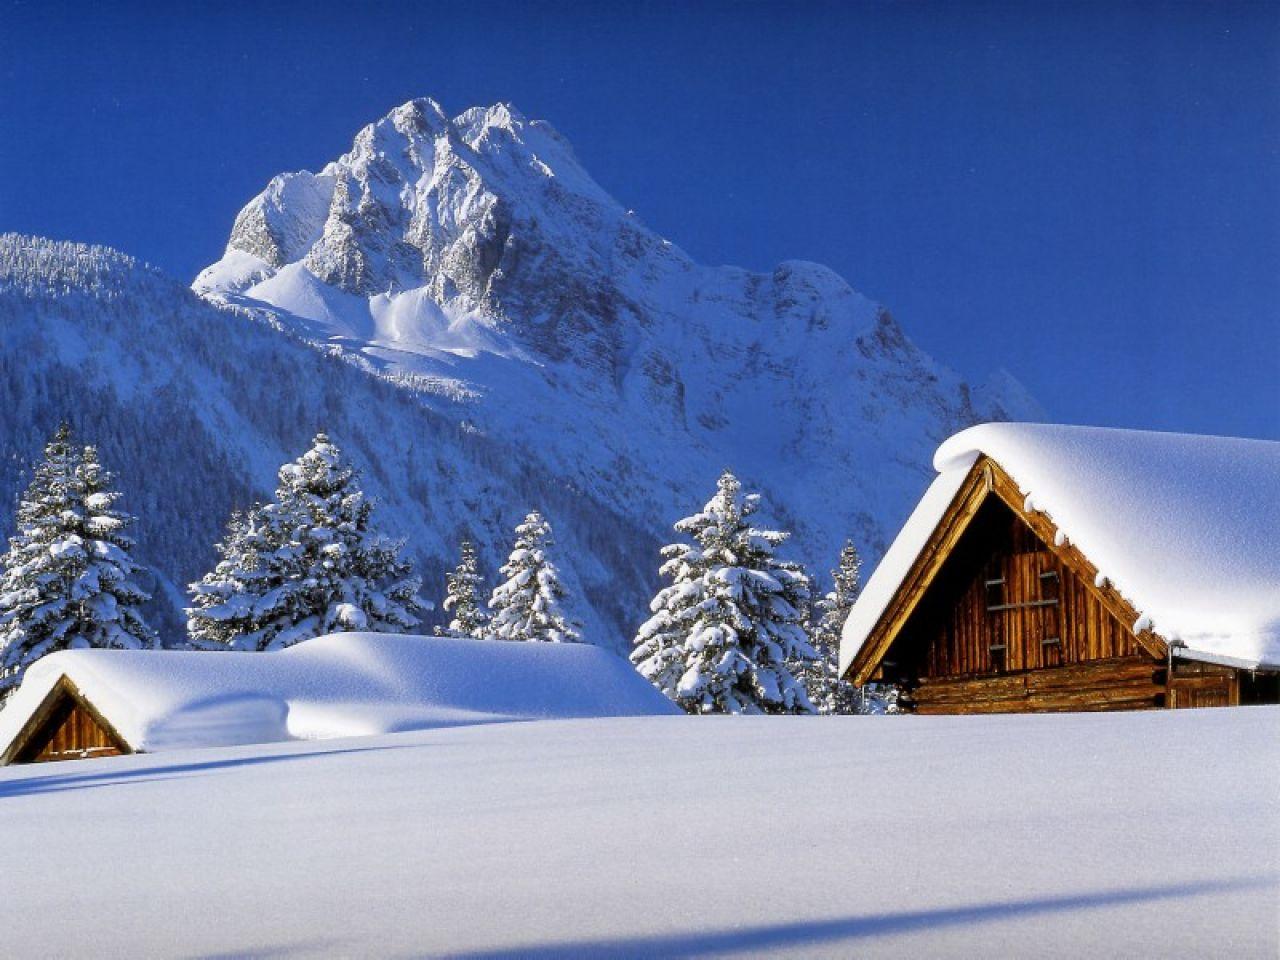 http://1.bp.blogspot.com/-omSAhQxPYzM/TmgjDrhq9RI/AAAAAAAABuQ/a2_6PSNO8po/s1600/invierno-1%5B1%5D.jpg